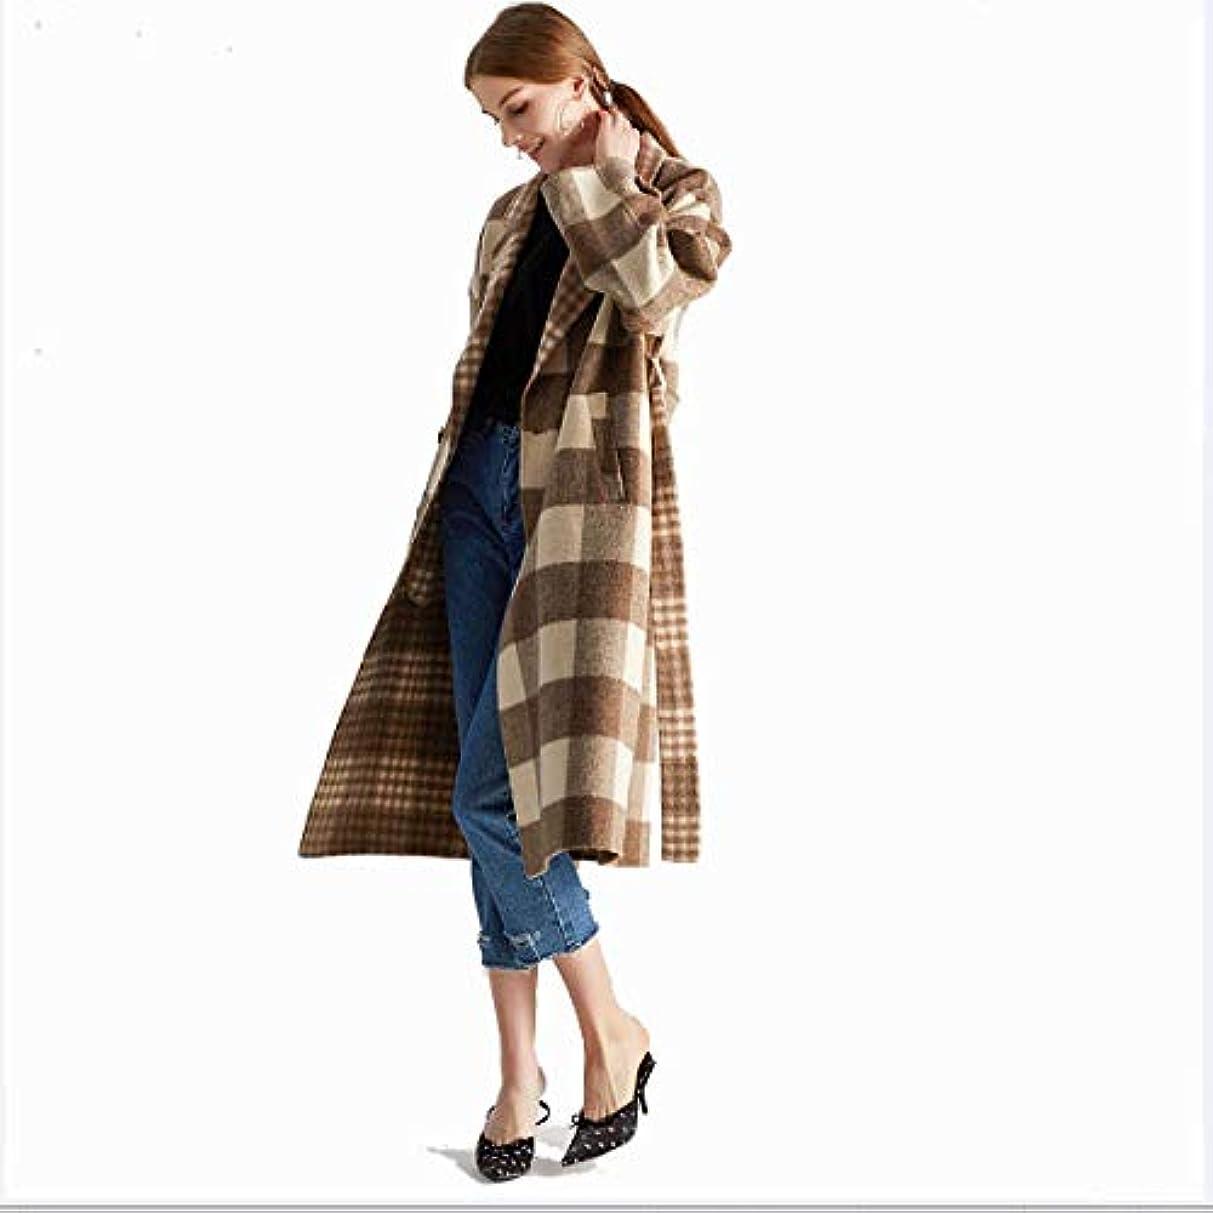 生活ジョージバーナードミュートロングコート、タータンチェックの両面カシミヤのコート手作りのウールコートウールドレス婦人服,L